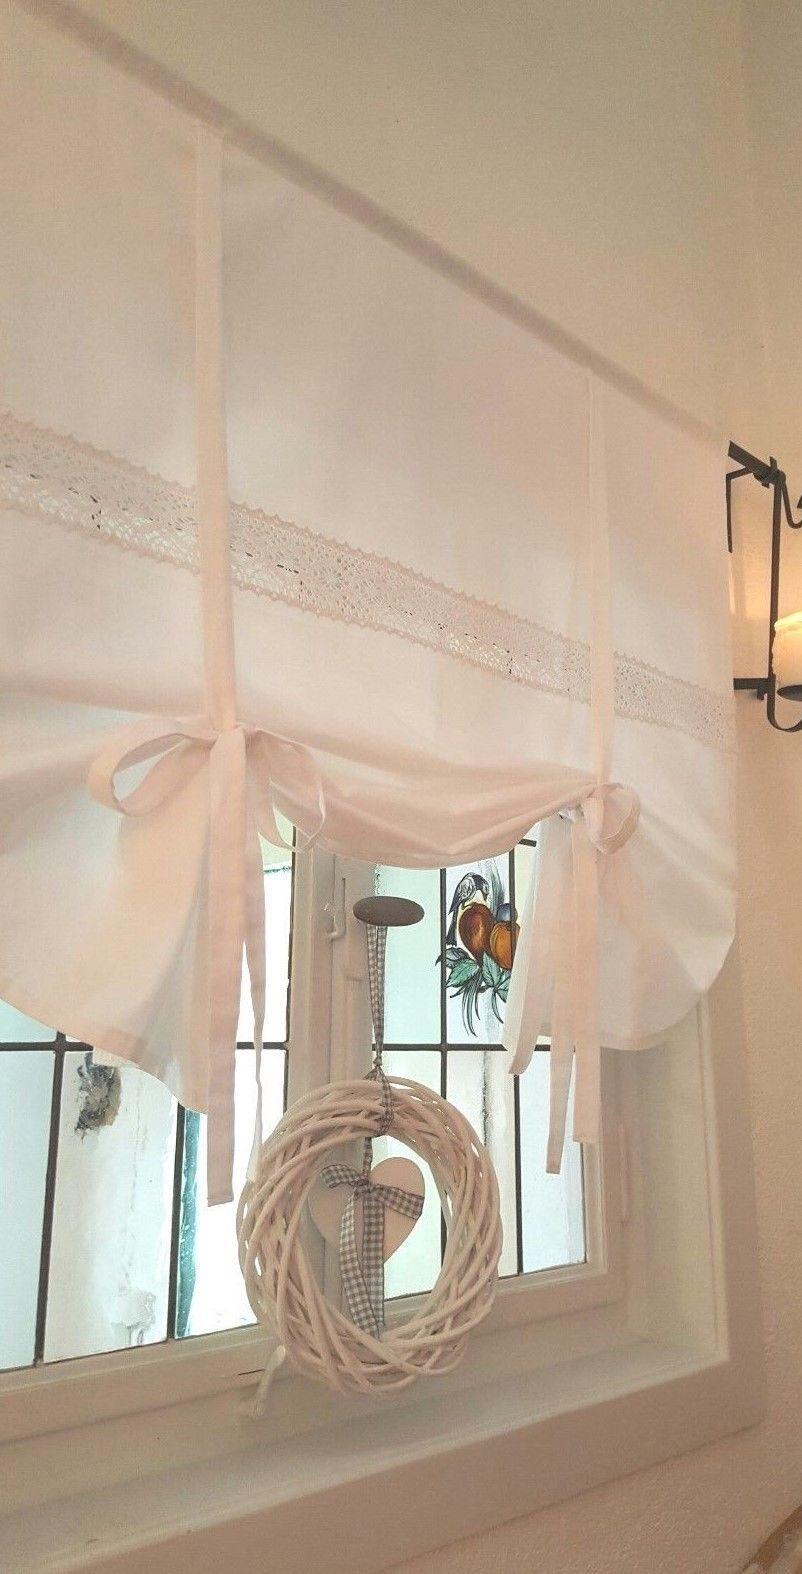 Full Size of Details Zu Gardine Raffrollo Spitze Verschbreite Ab 60 Cm 150 Küchen Regal Küche Wohnzimmer Küchen Raffrollo